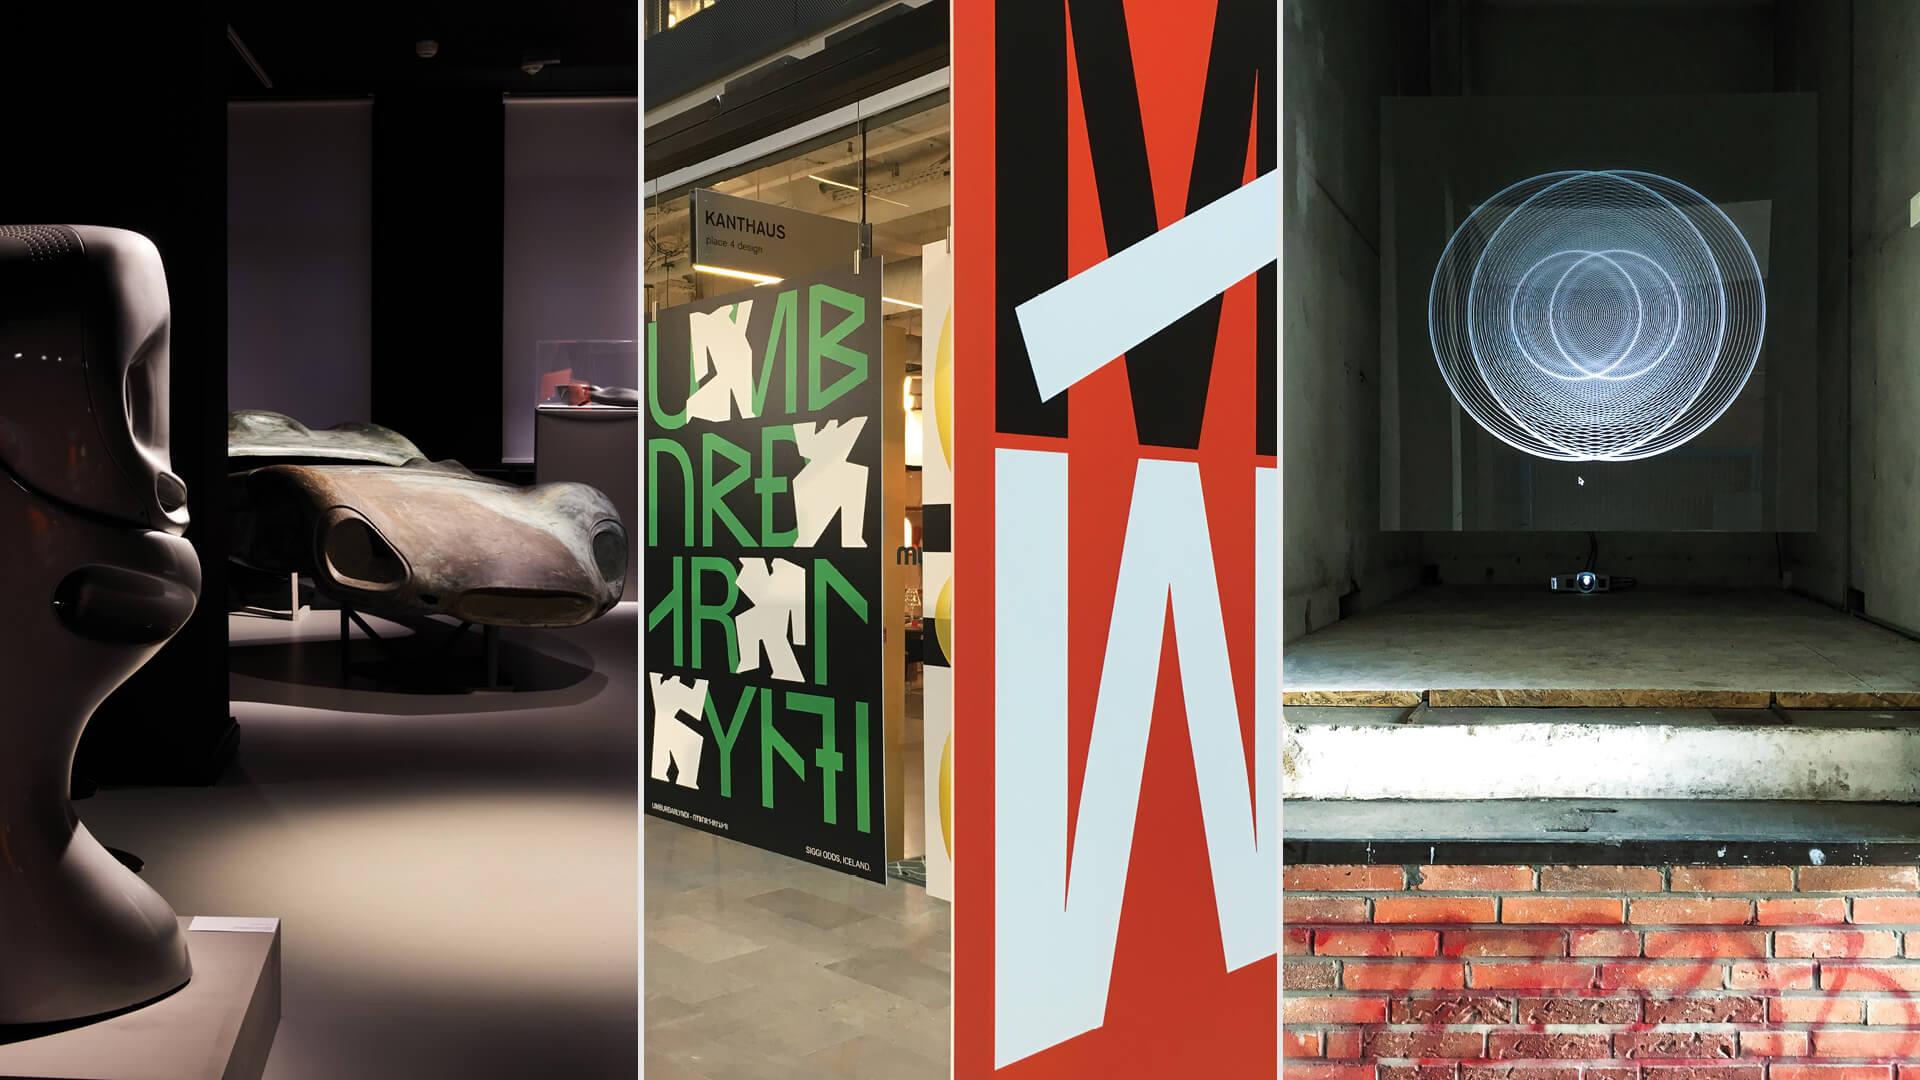 Berlin Design Week 2021 explores 'New Traditions' with Alexandra Klatt